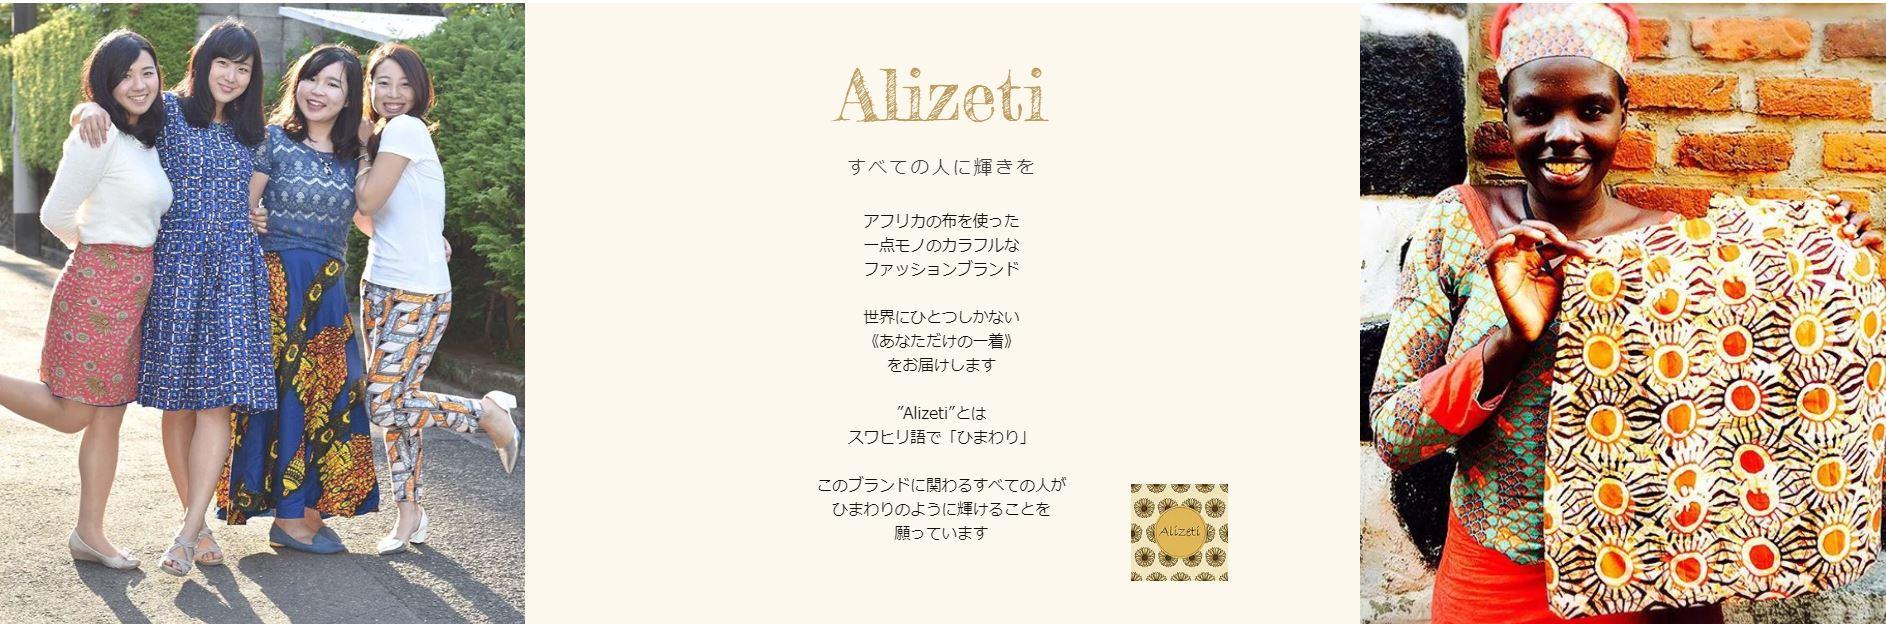 【Alizeti アリゼティ】世界にひとつしかない  《あなただけの一着》  をお届けします!